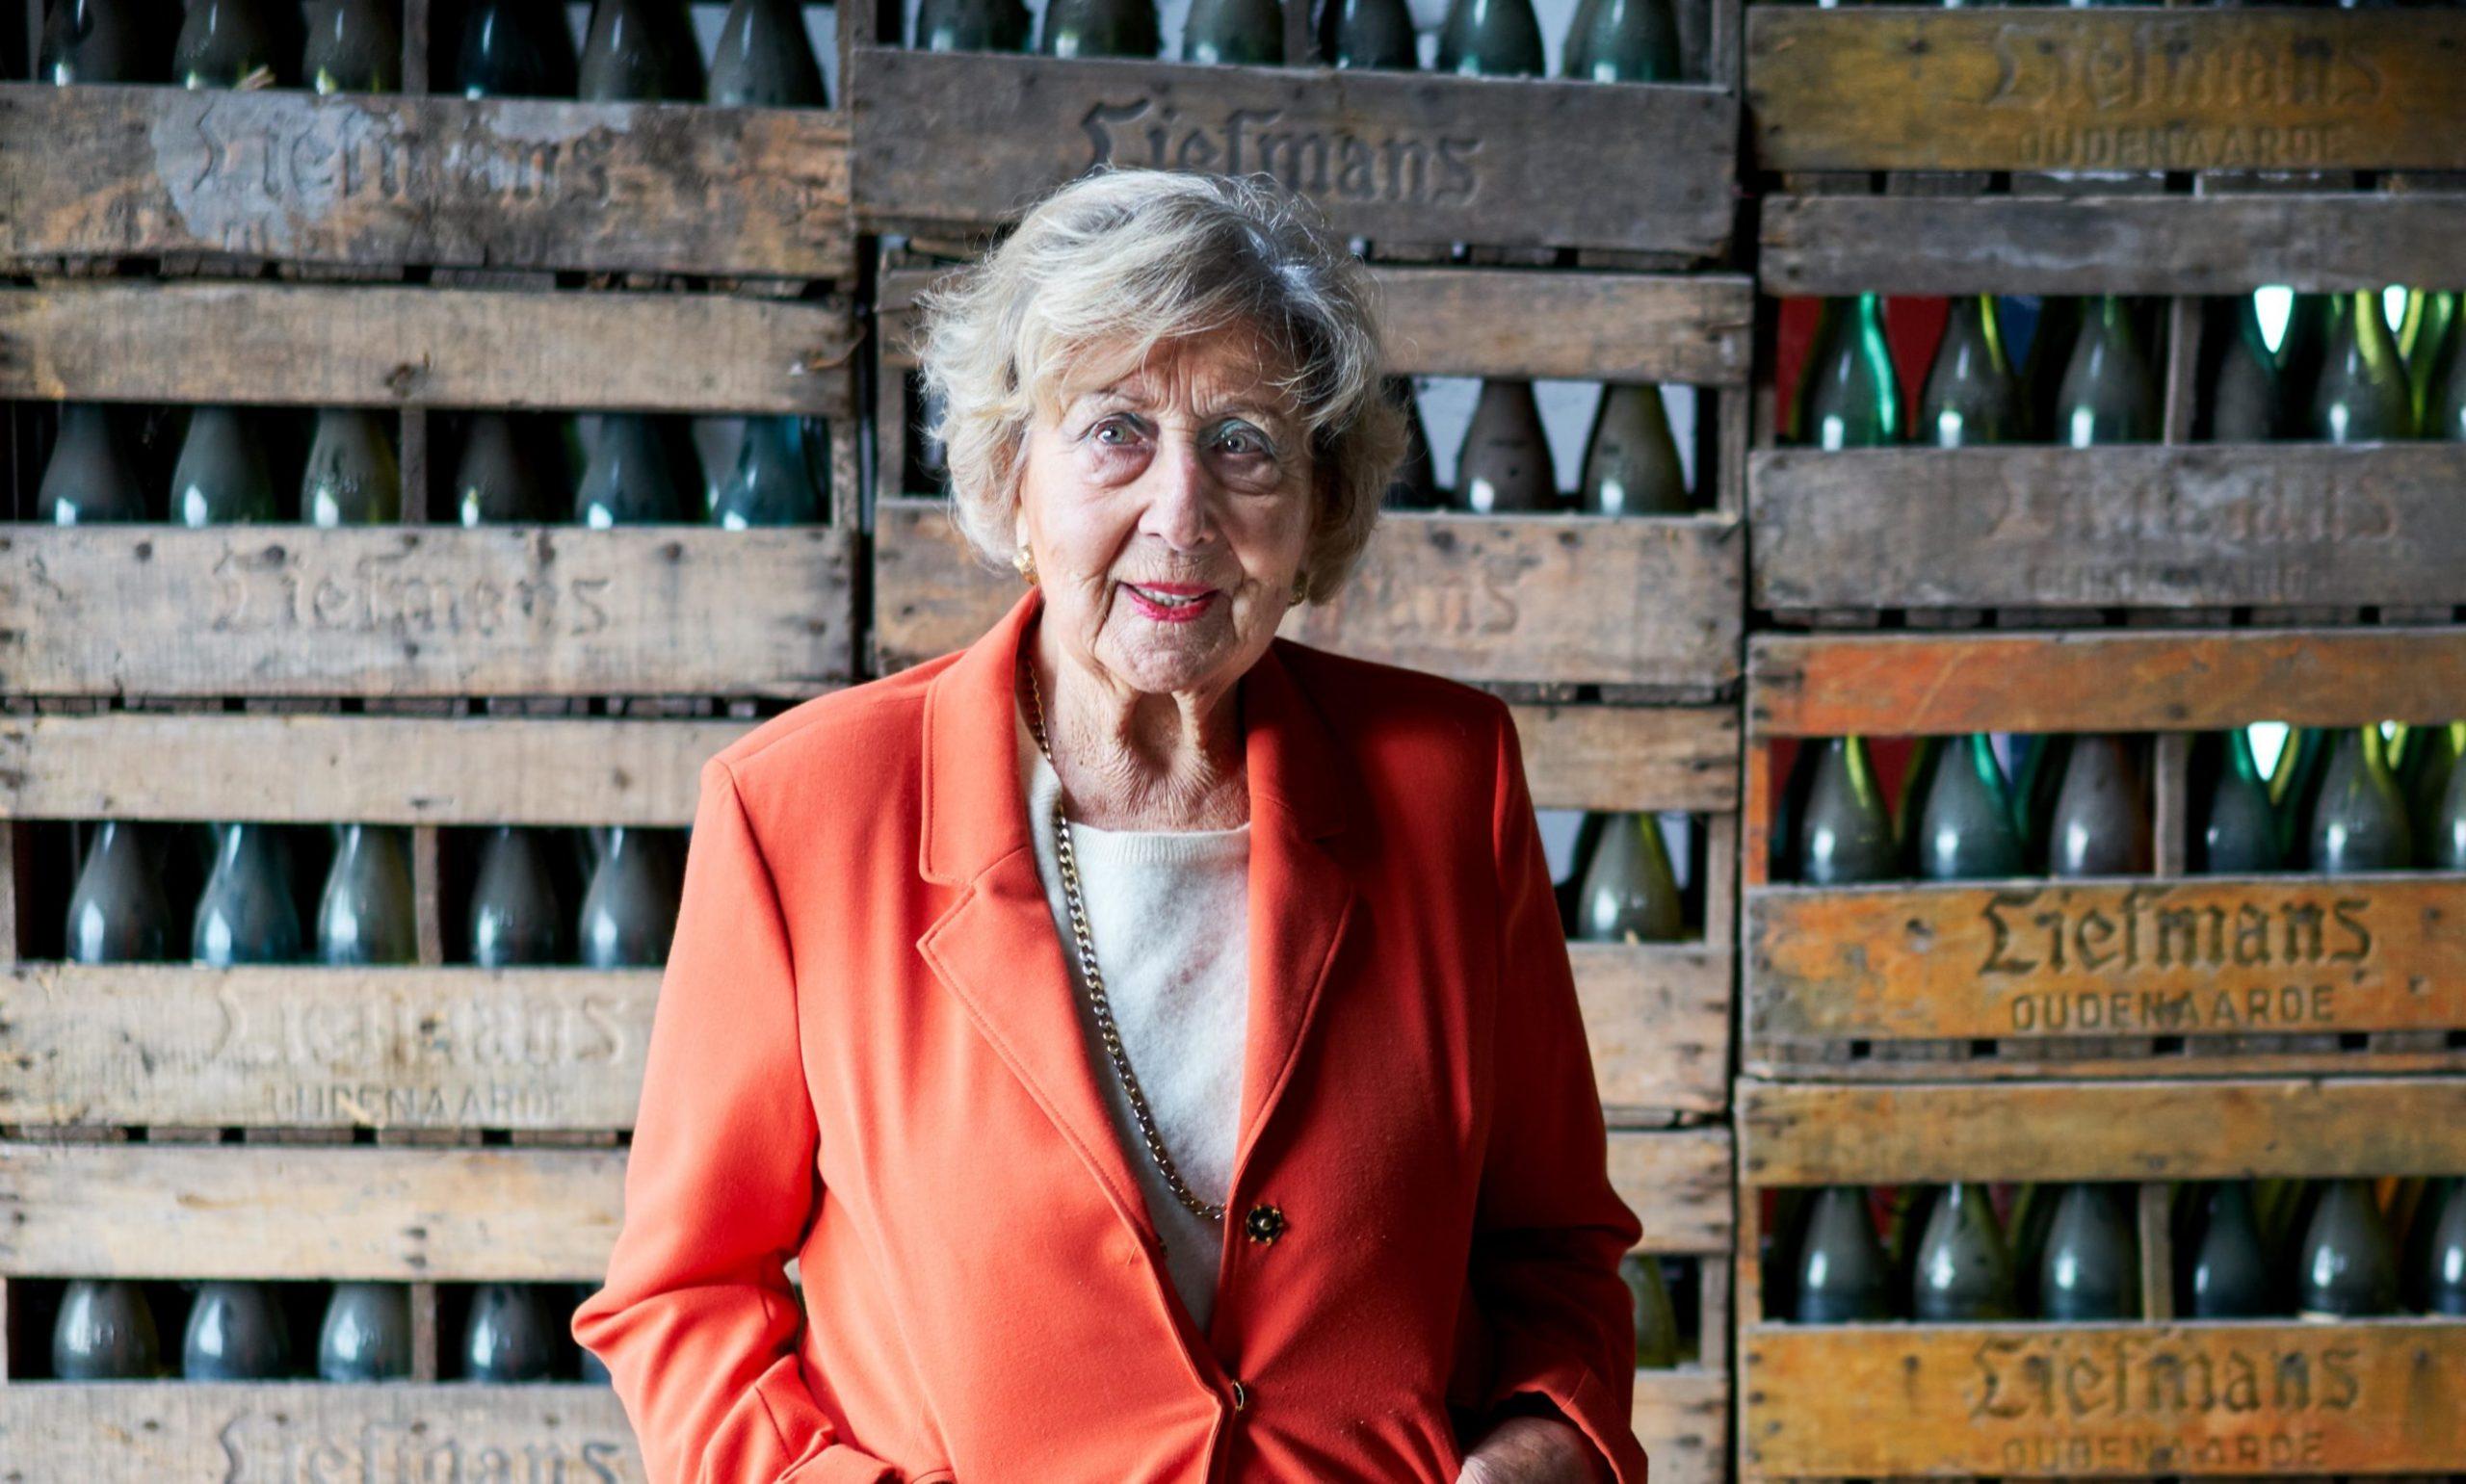 Rosa Merckx, den belgiske øl-mesteren